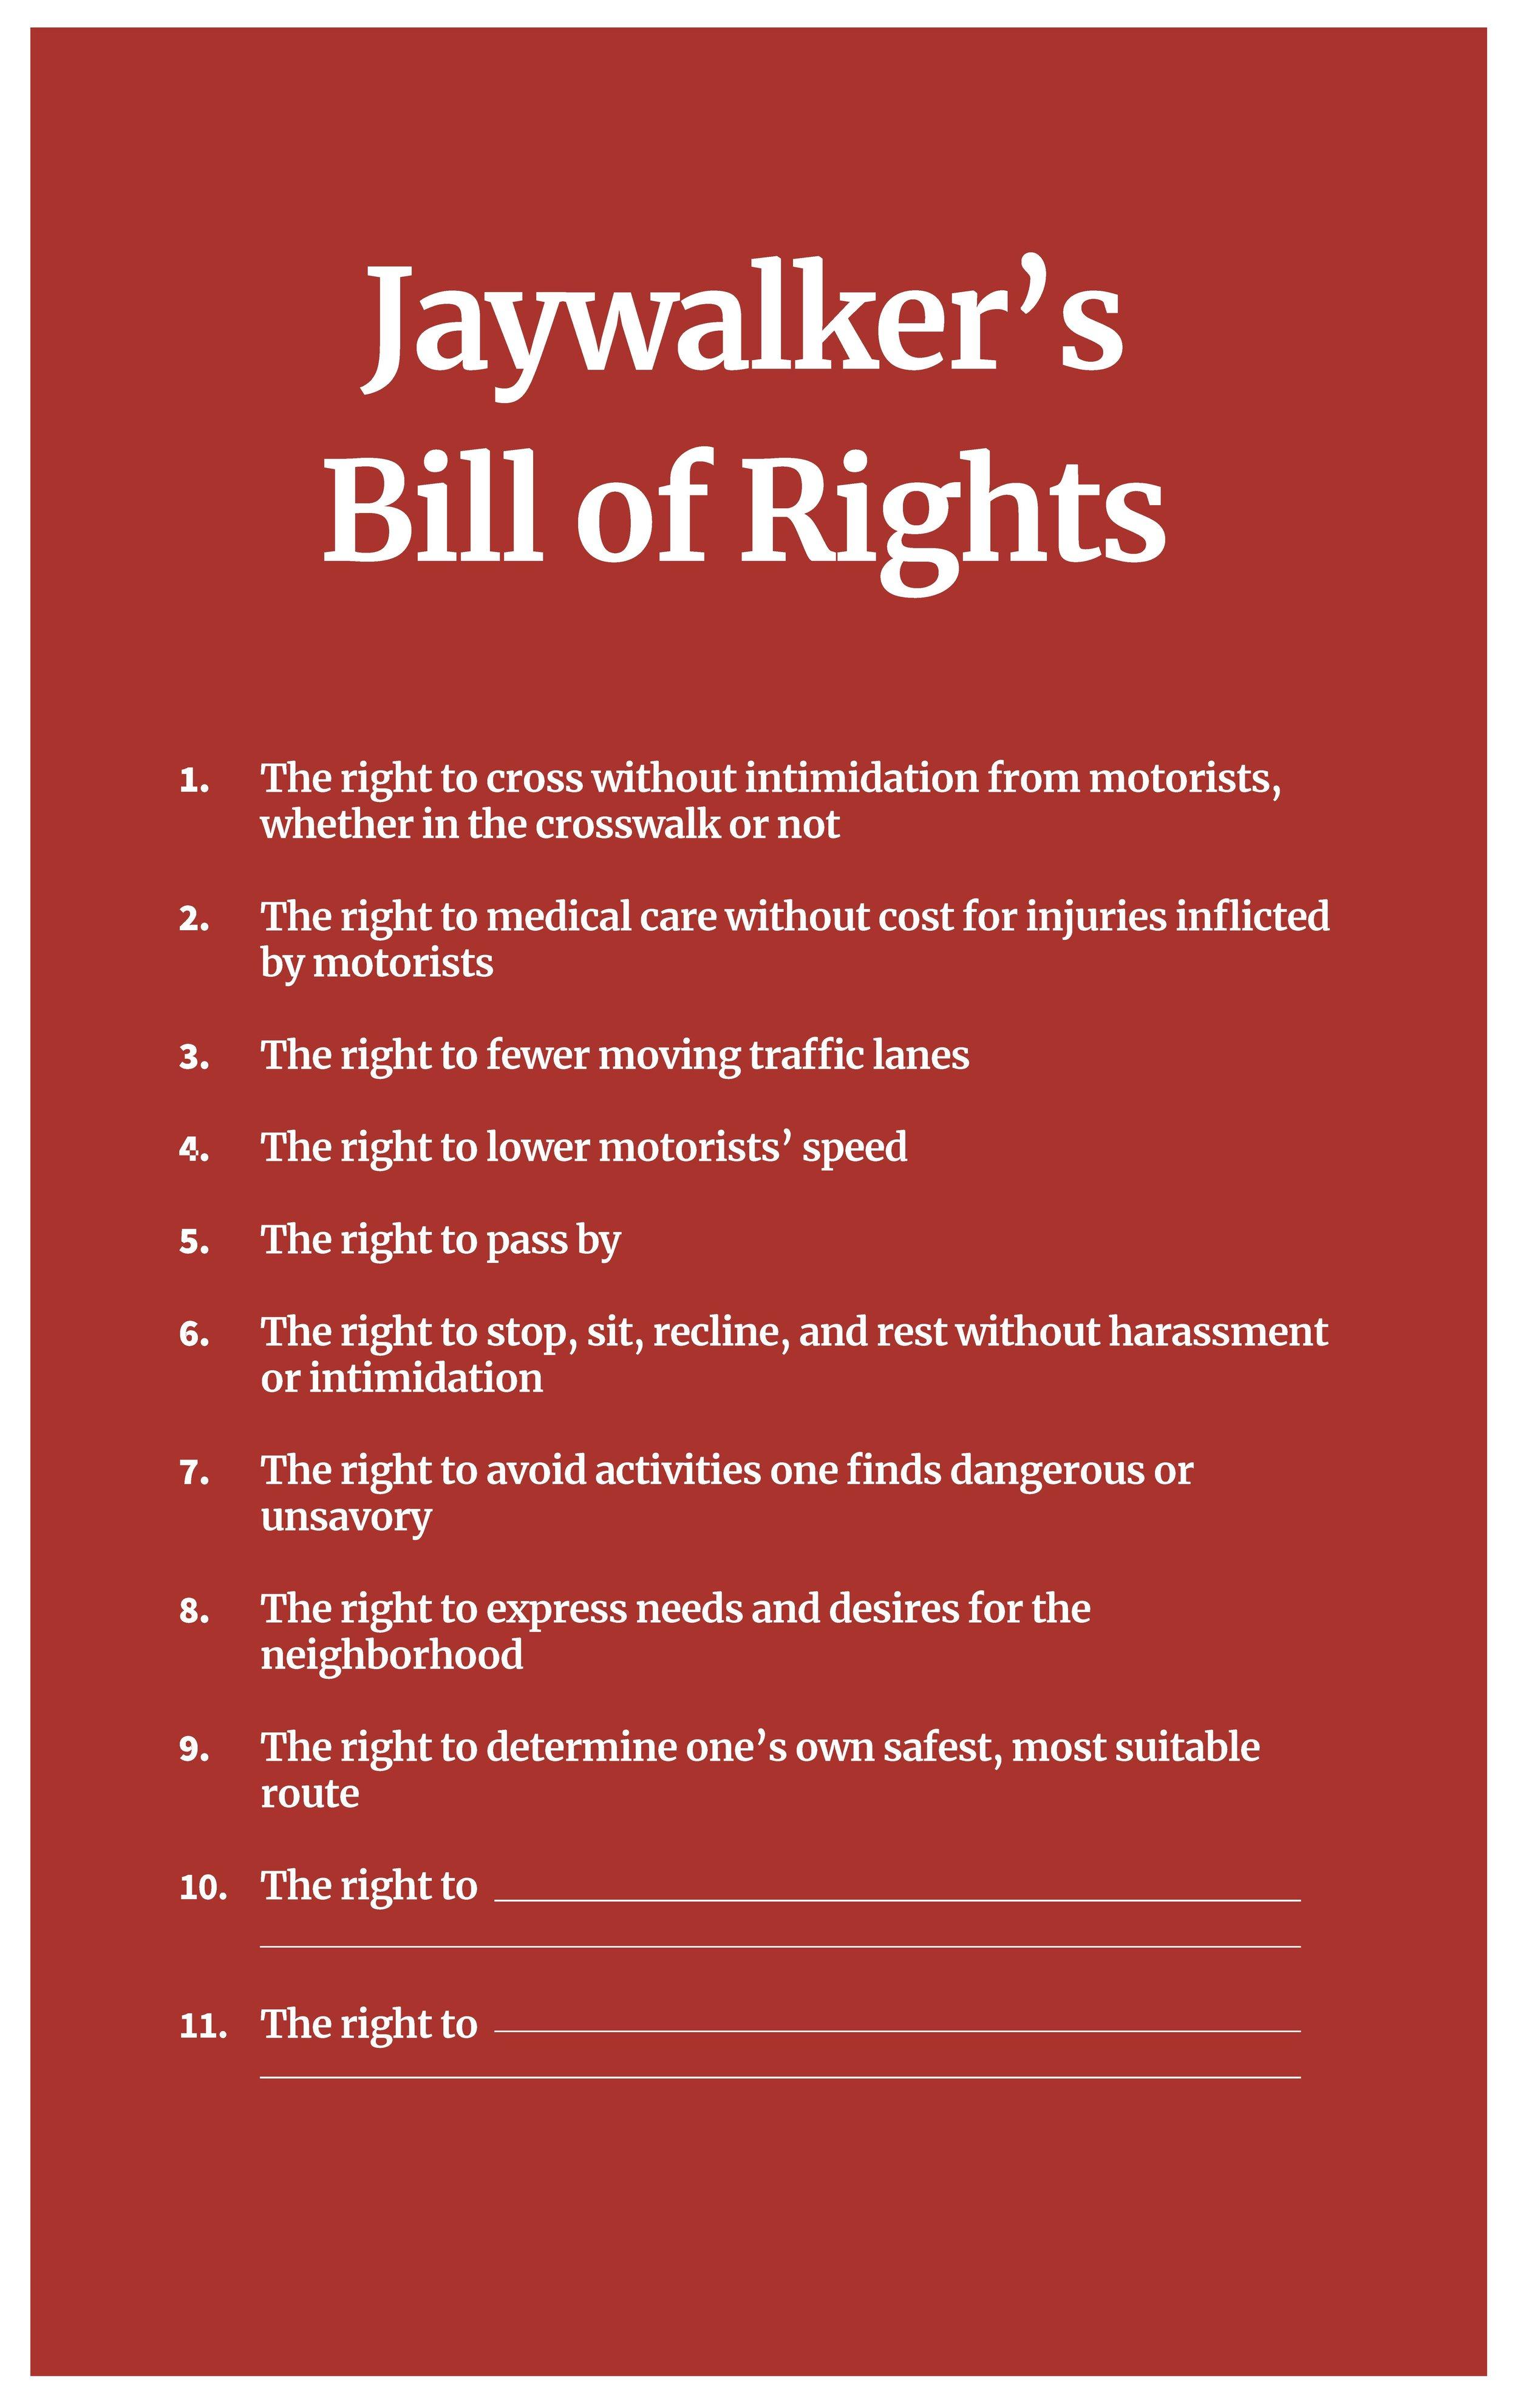 Jaywalker Bill of Rights_Page_2.jpg